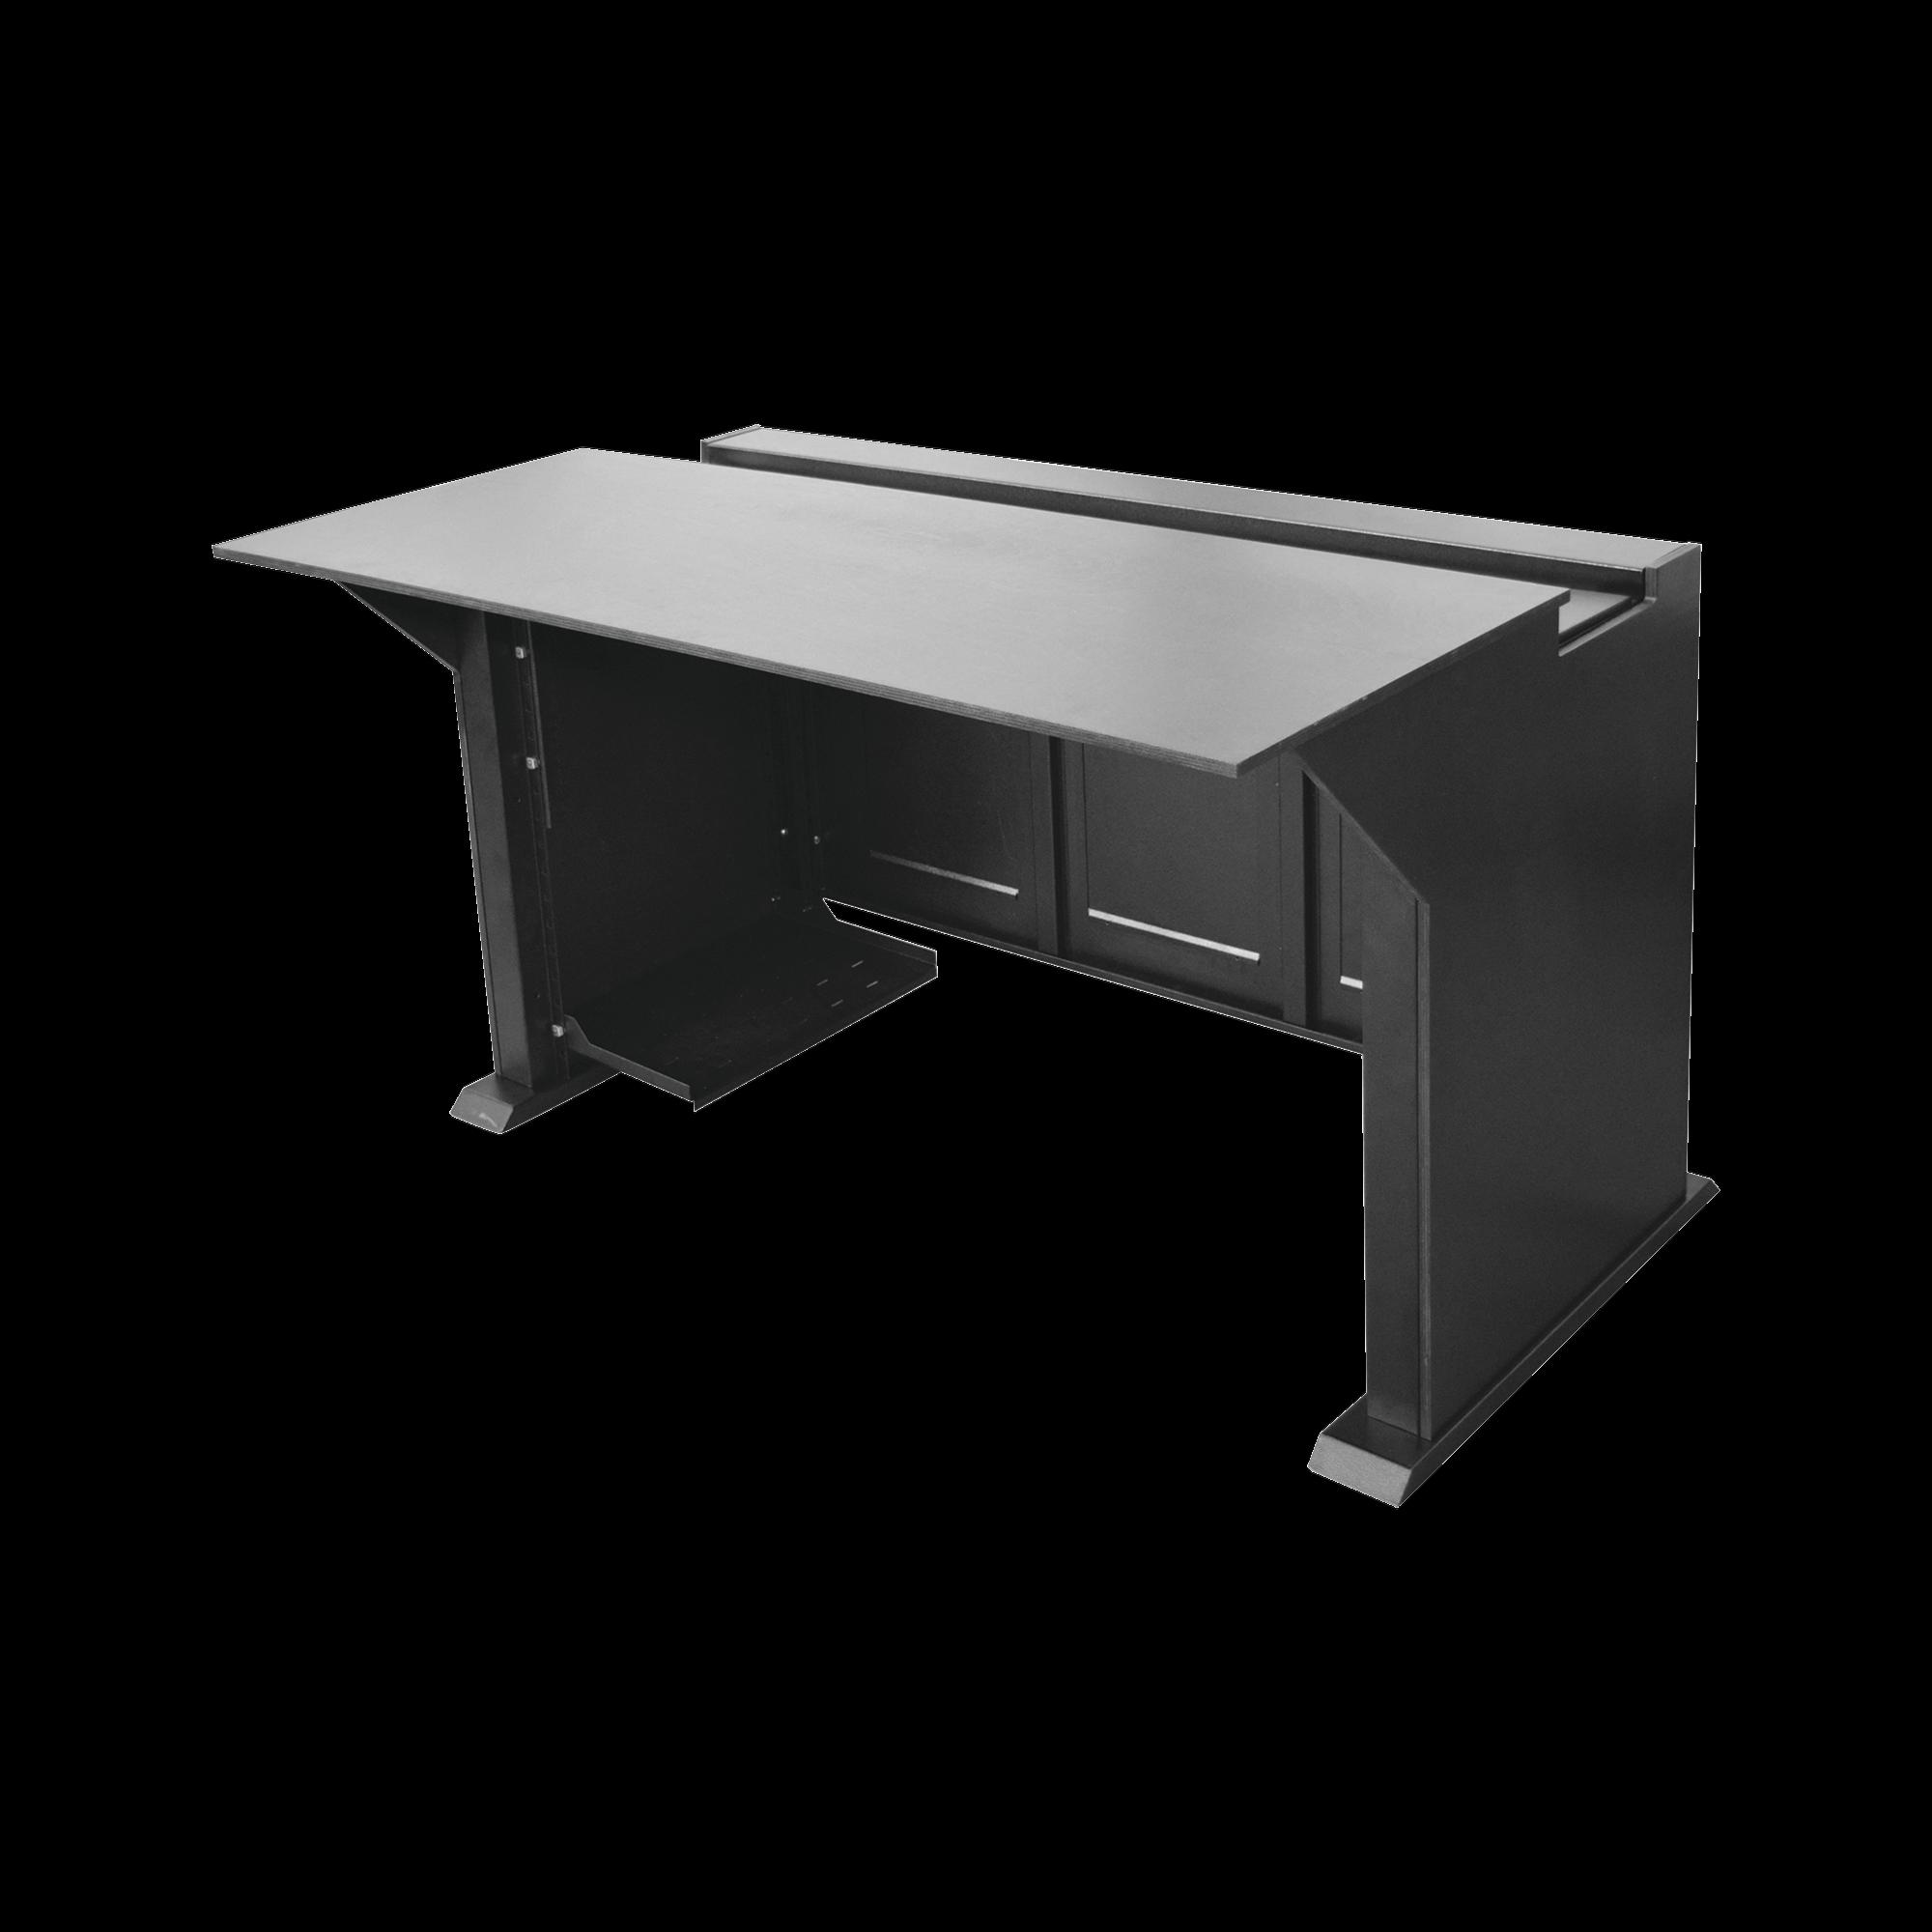 Estacion Mobiliaria Profesional de Monitoreo y Control para: Videovigilancia, Acceso, Alarmas, etc., Metal Negro y Madera Tono Oscuro